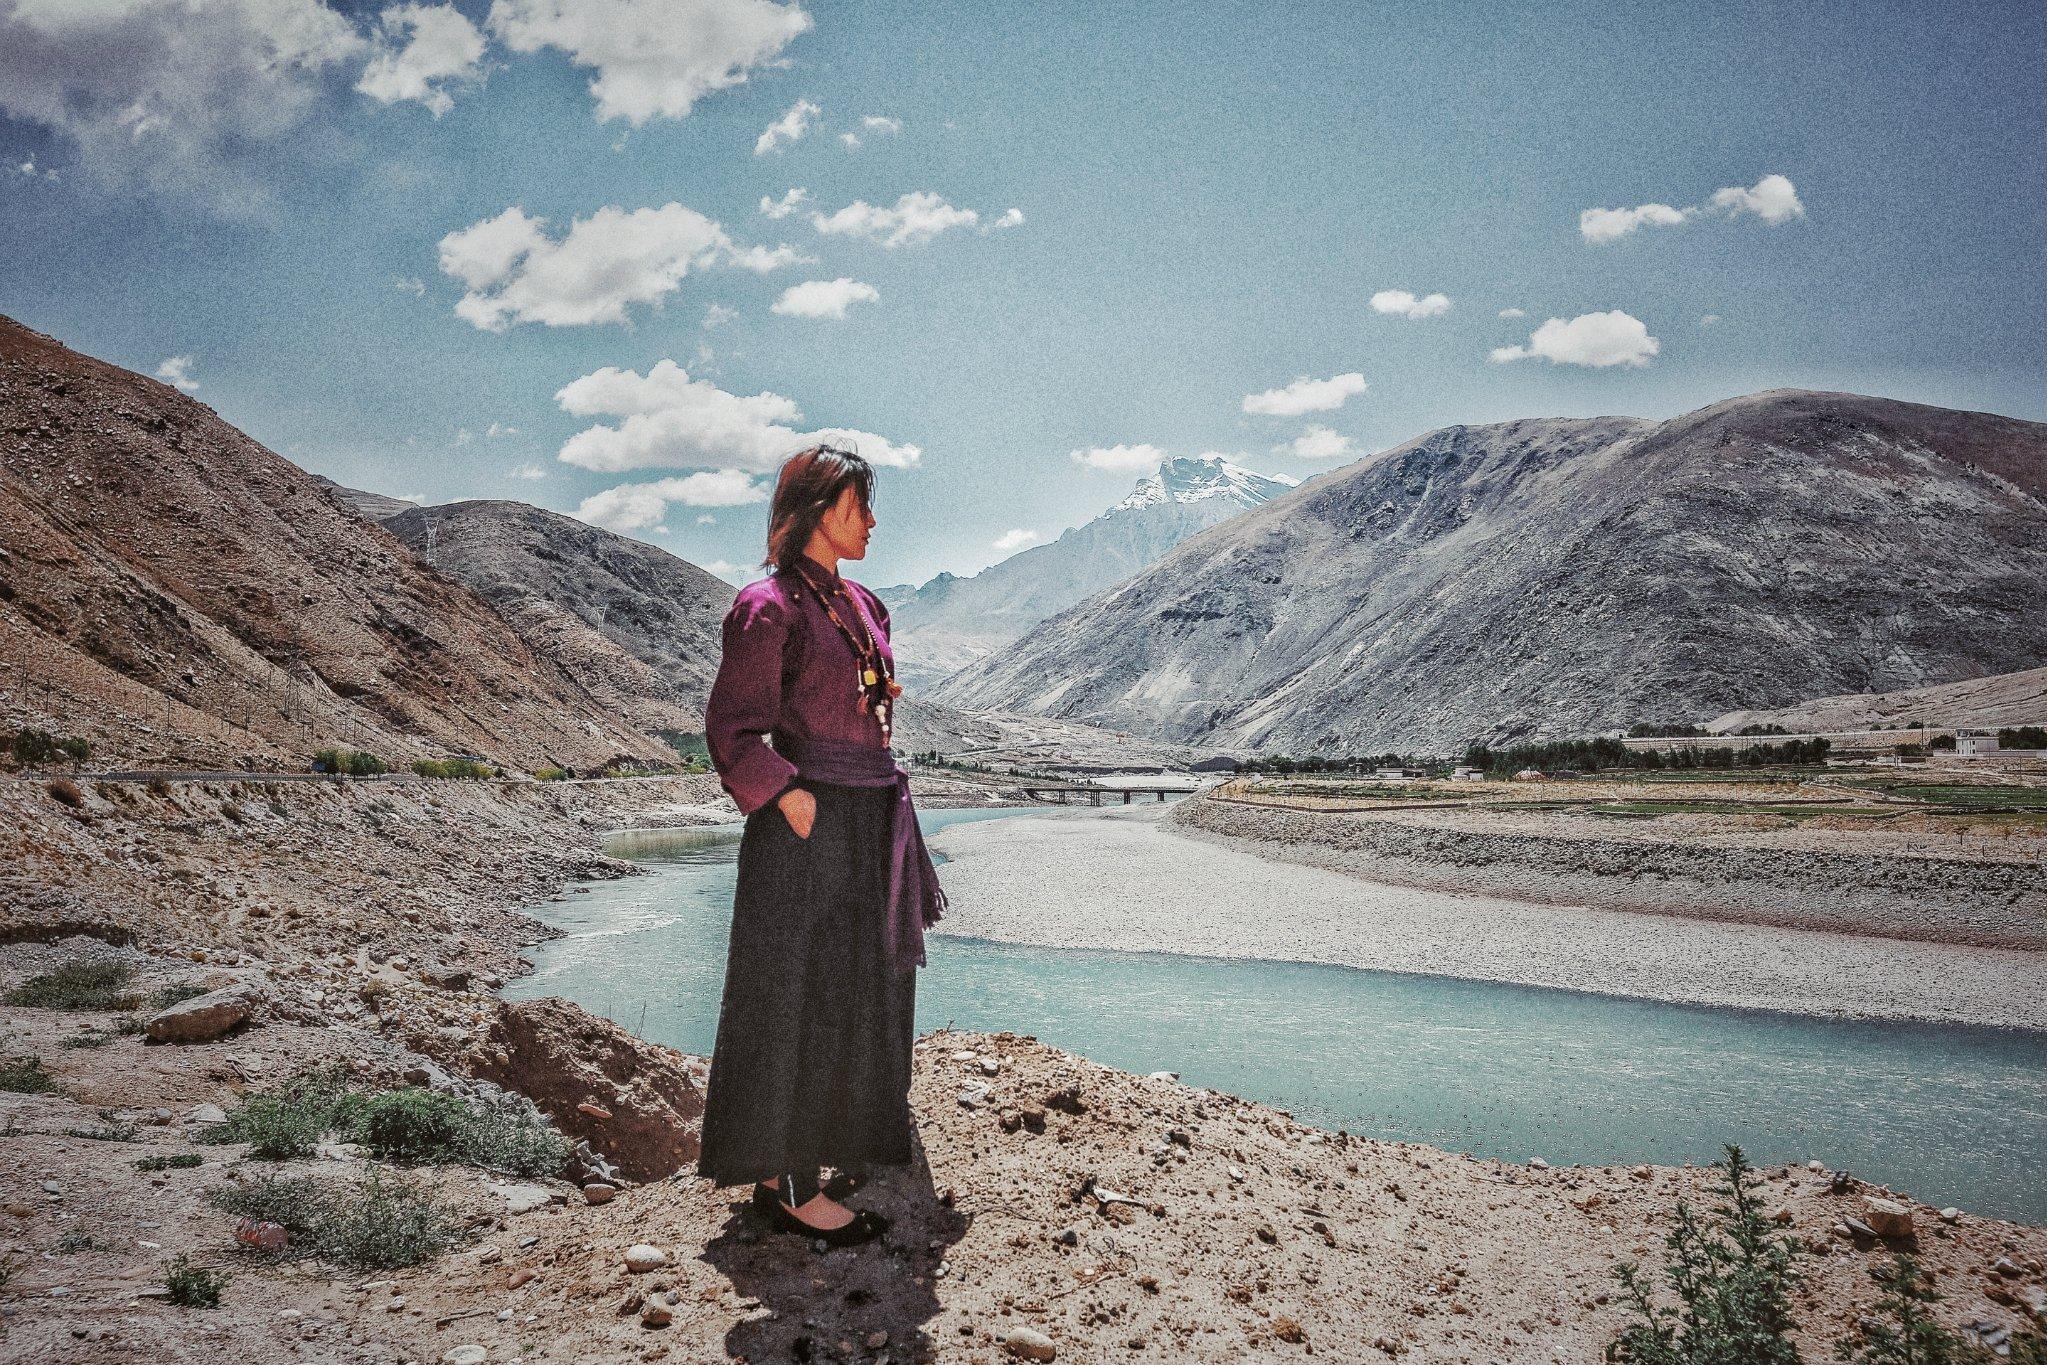 万籁此都寂,但余钟磬音—10天西藏寺庙之旅清单